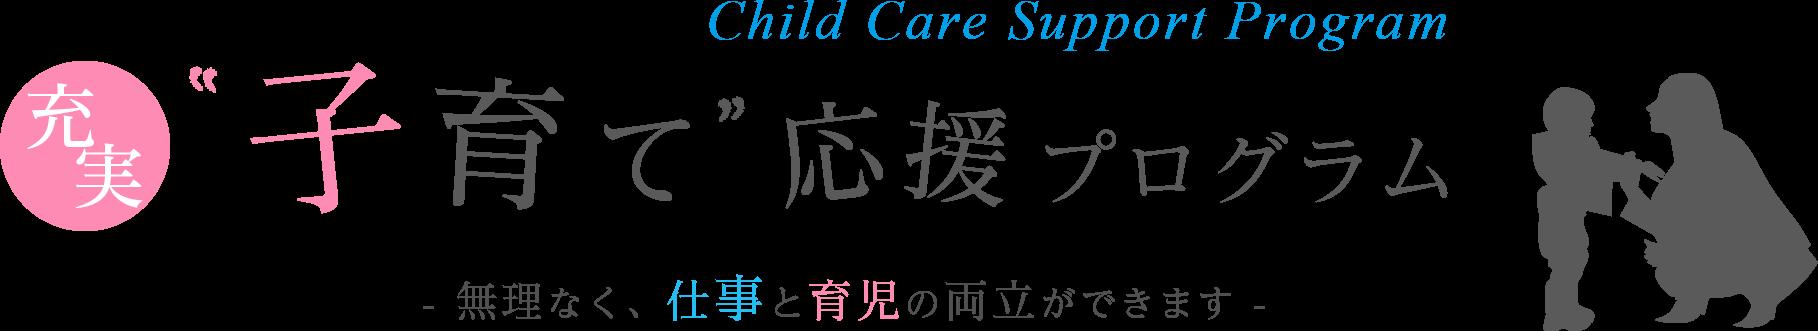 子育て応援プログラム  - 無理なく、仕事と育児の両立ができます -